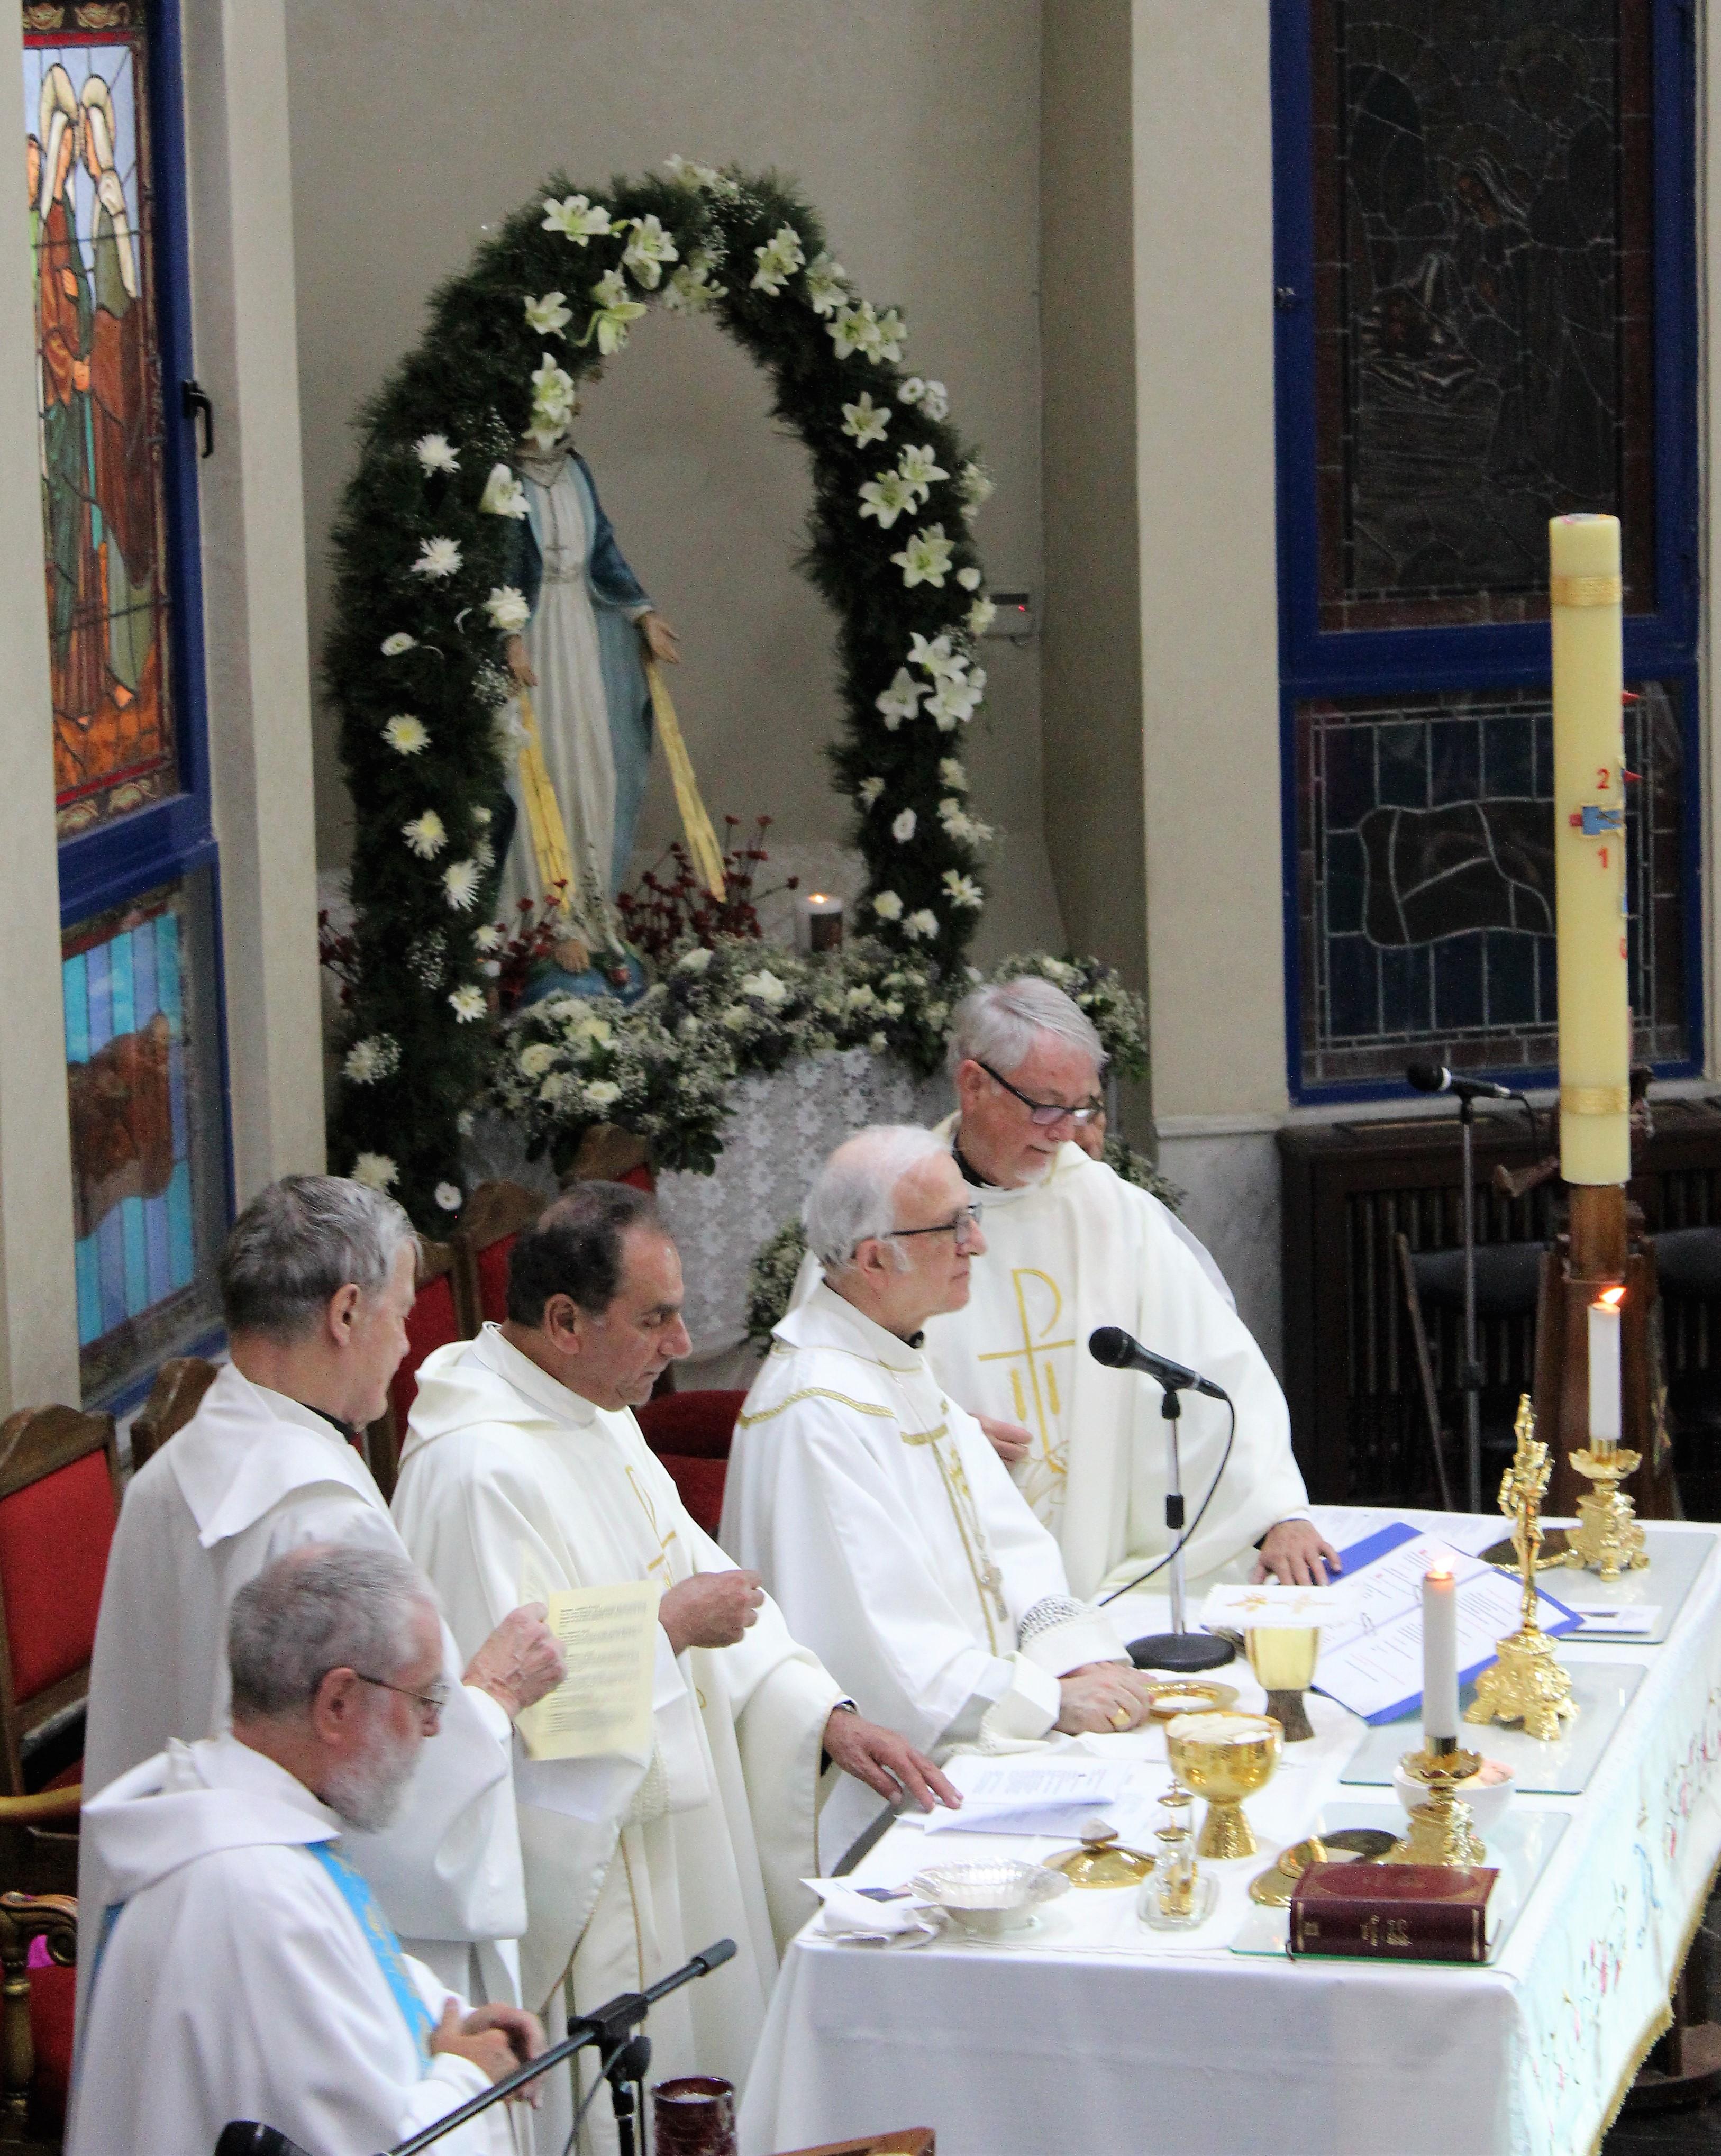 16-altar-scene